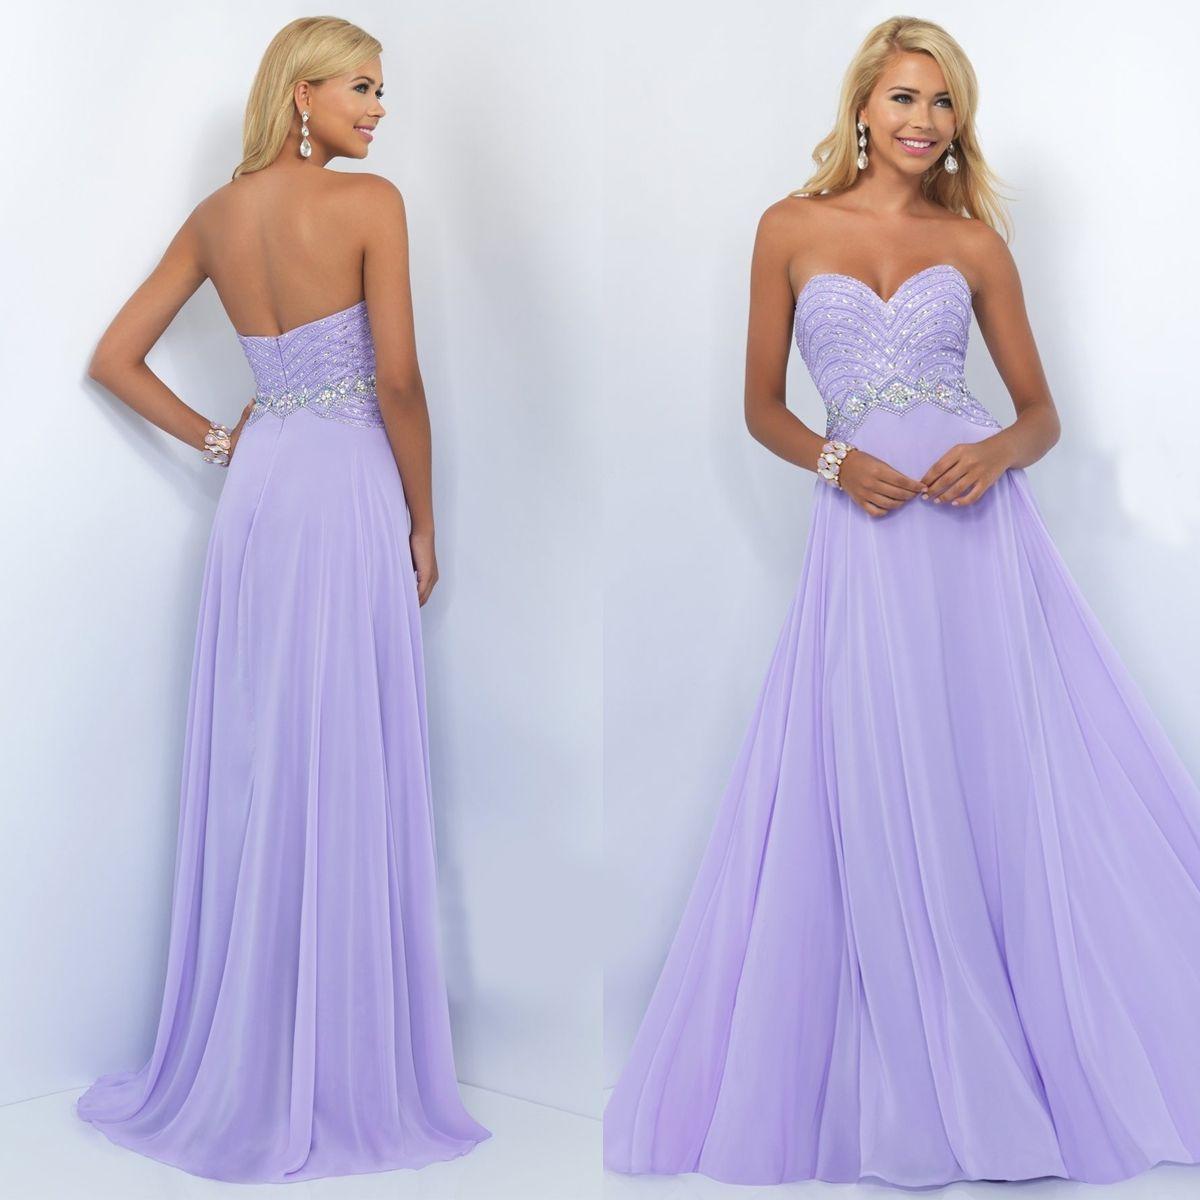 Long Strapless Sweetheart Chiffon Prom Dress By Blush Light Purple Prom Dress Purple Prom Dress Chiffon Prom Dress [ 1200 x 1200 Pixel ]